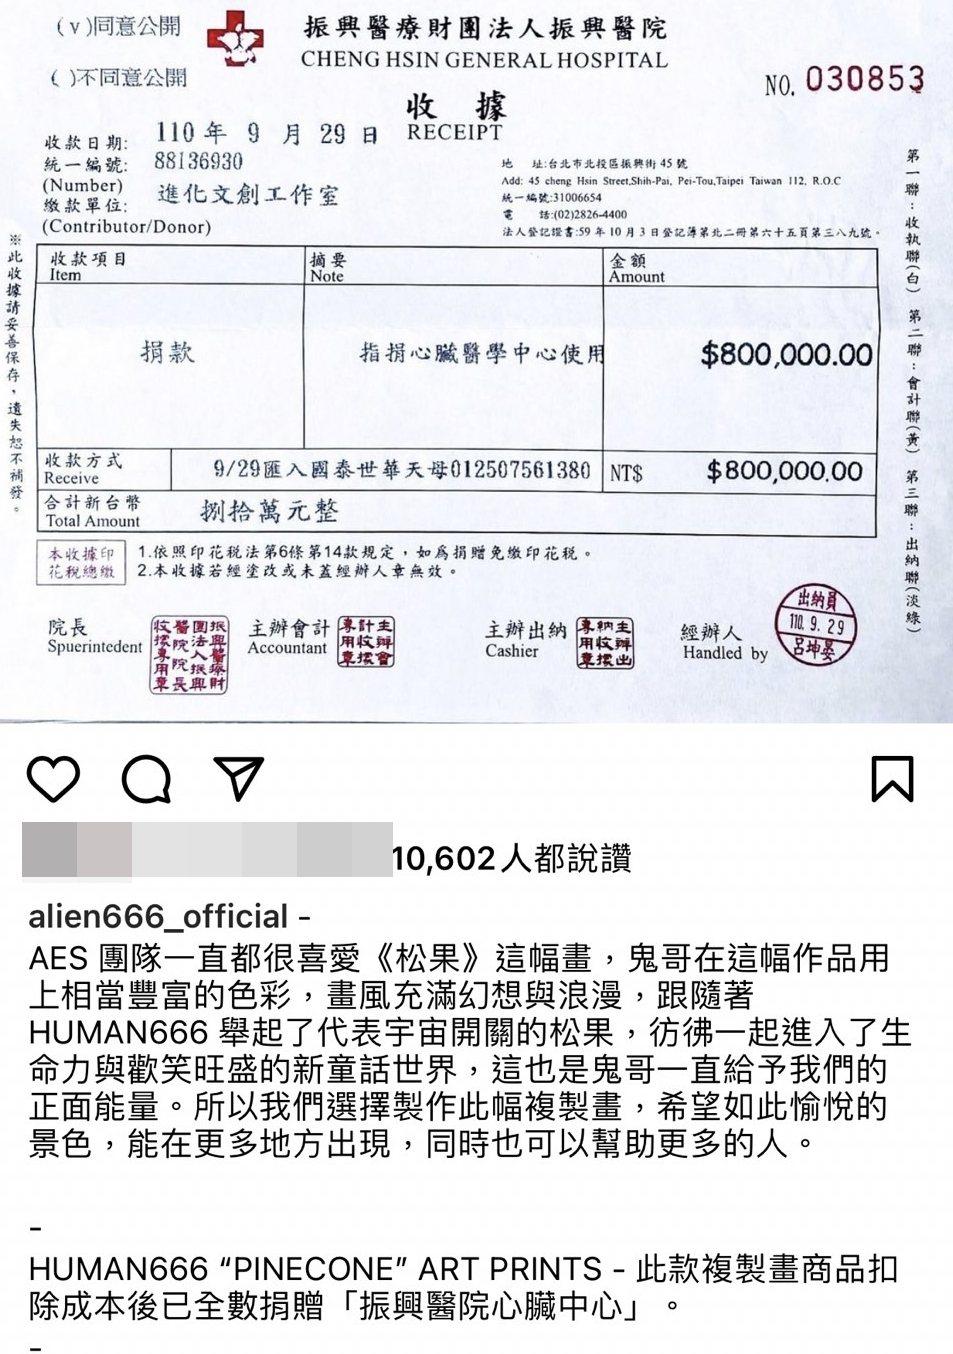 黃鴻升(小鬼)的複製畫作售出,捐出80萬給振興醫院。圖/摘自IG